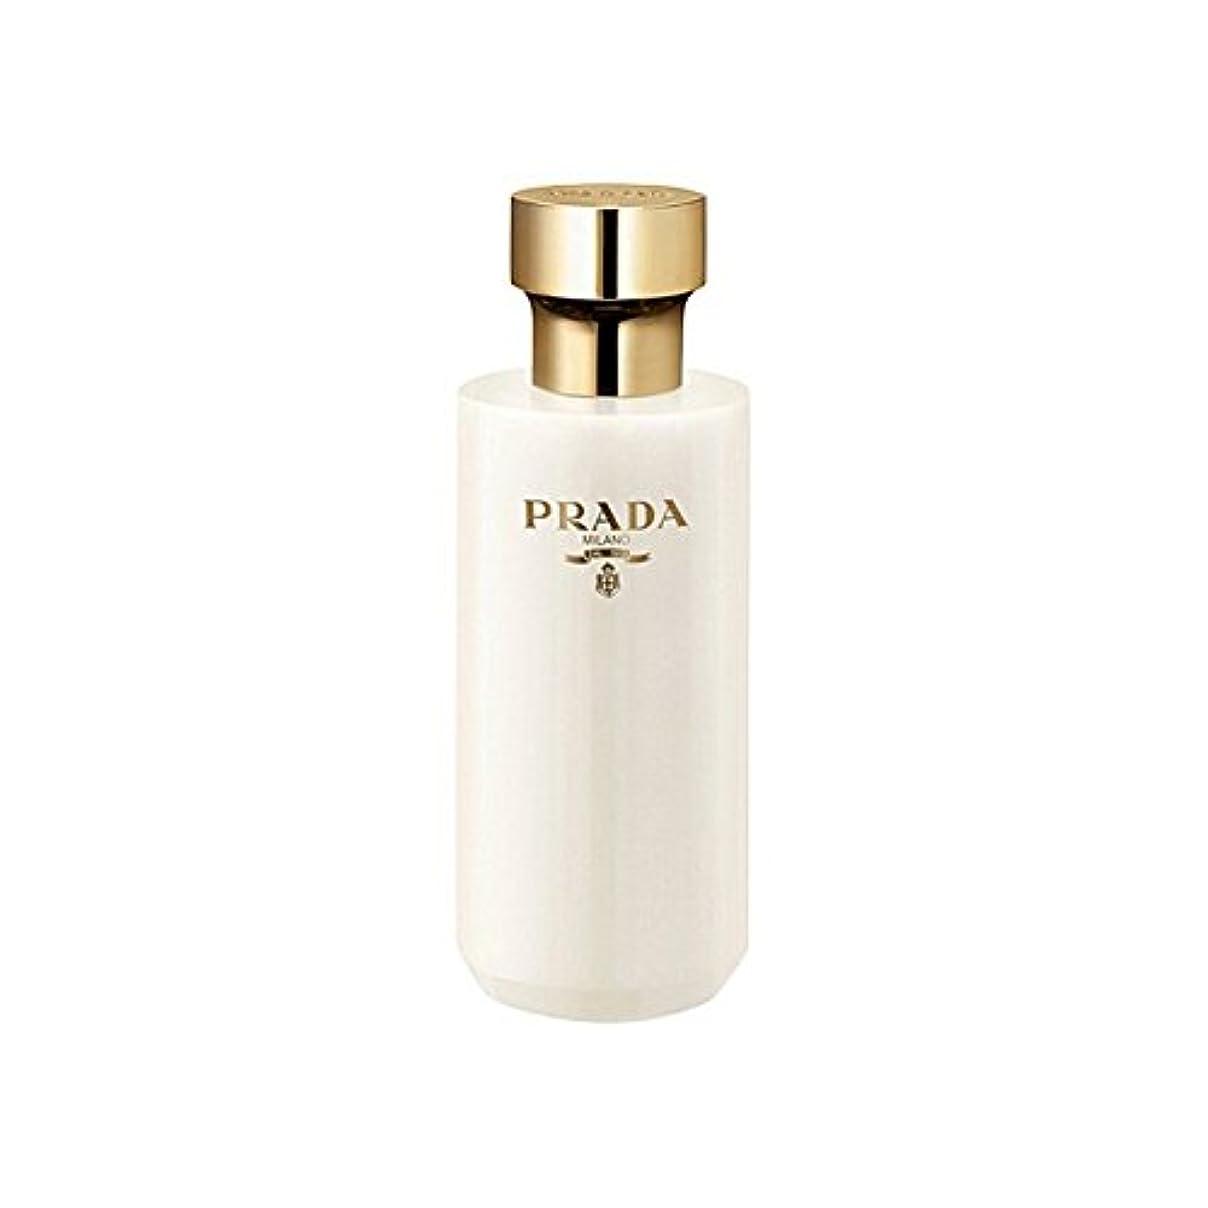 目を覚ますツールシプリーPrada La Femme Shower Gel 200ml (Pack of 6) - プラダラファムシャワージェル200 x6 [並行輸入品]